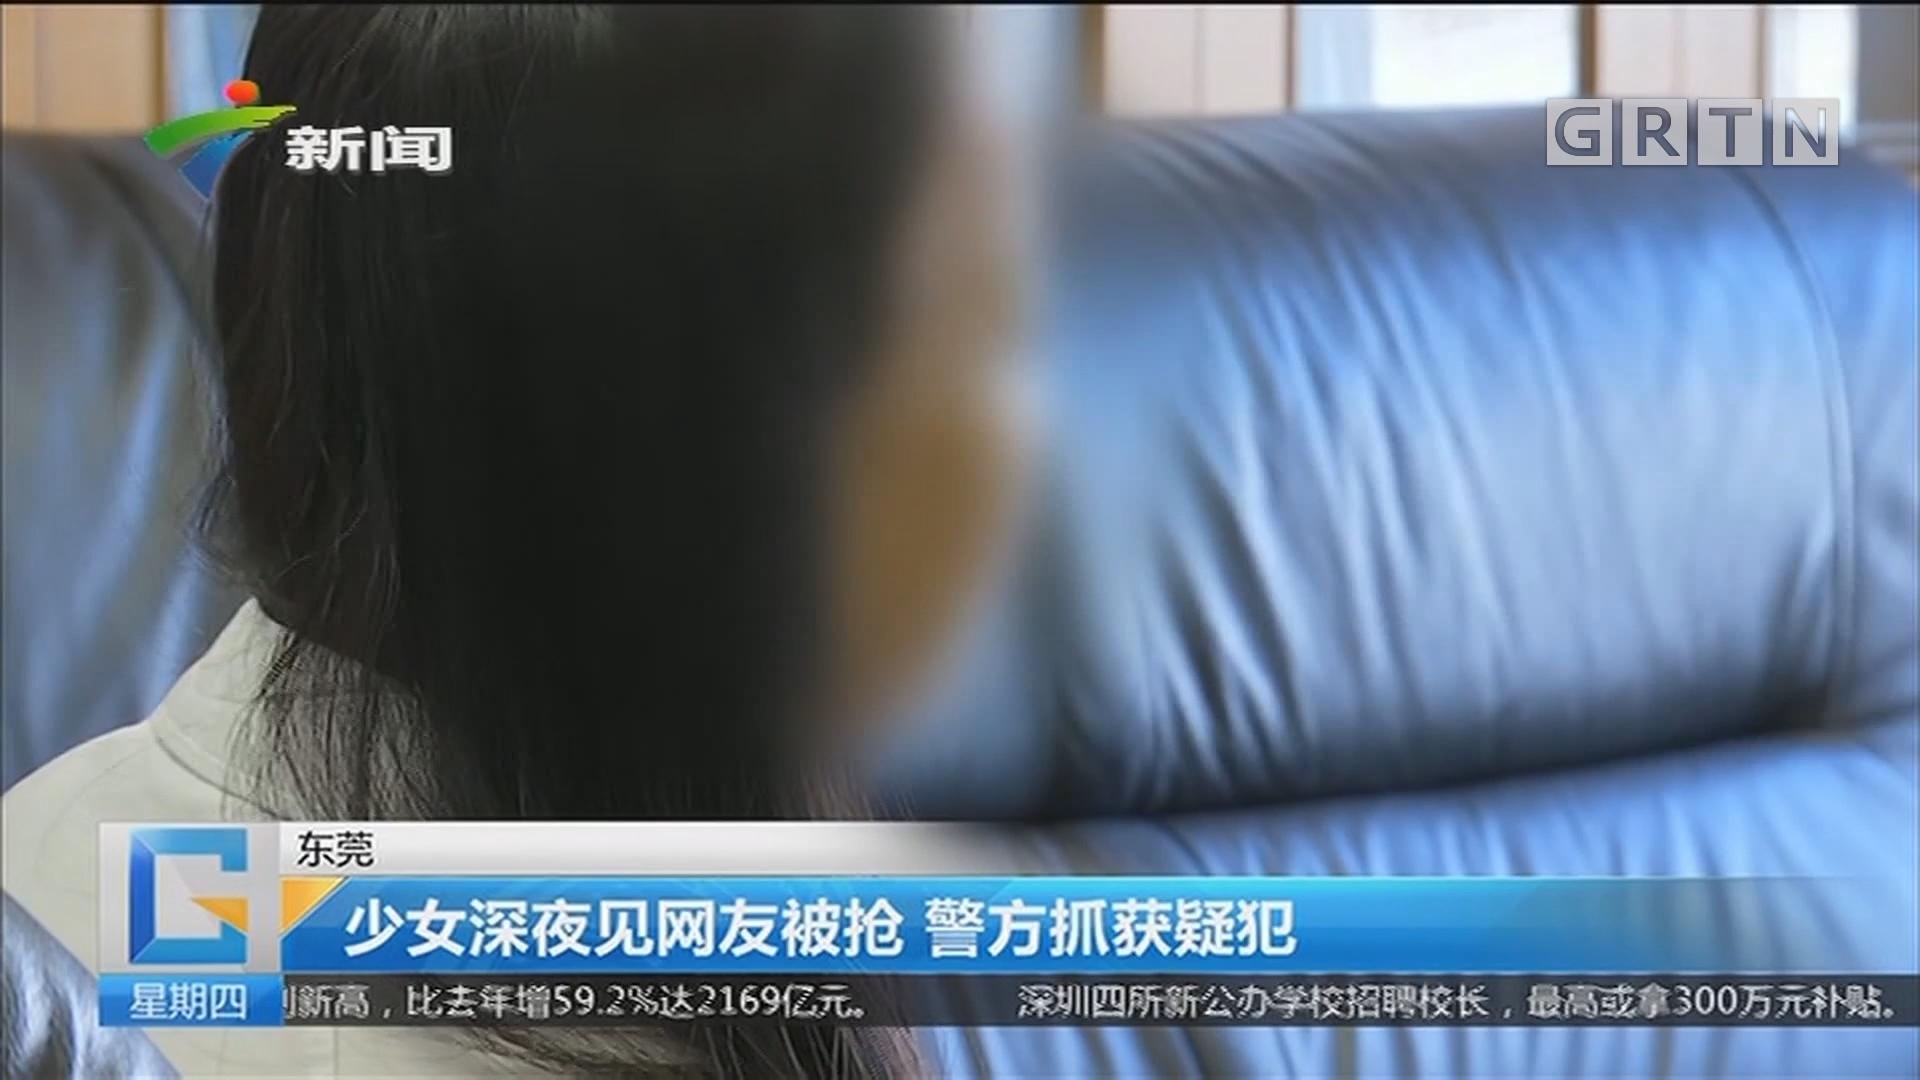 东莞:少女深夜见网友被抢 警方抓获疑犯